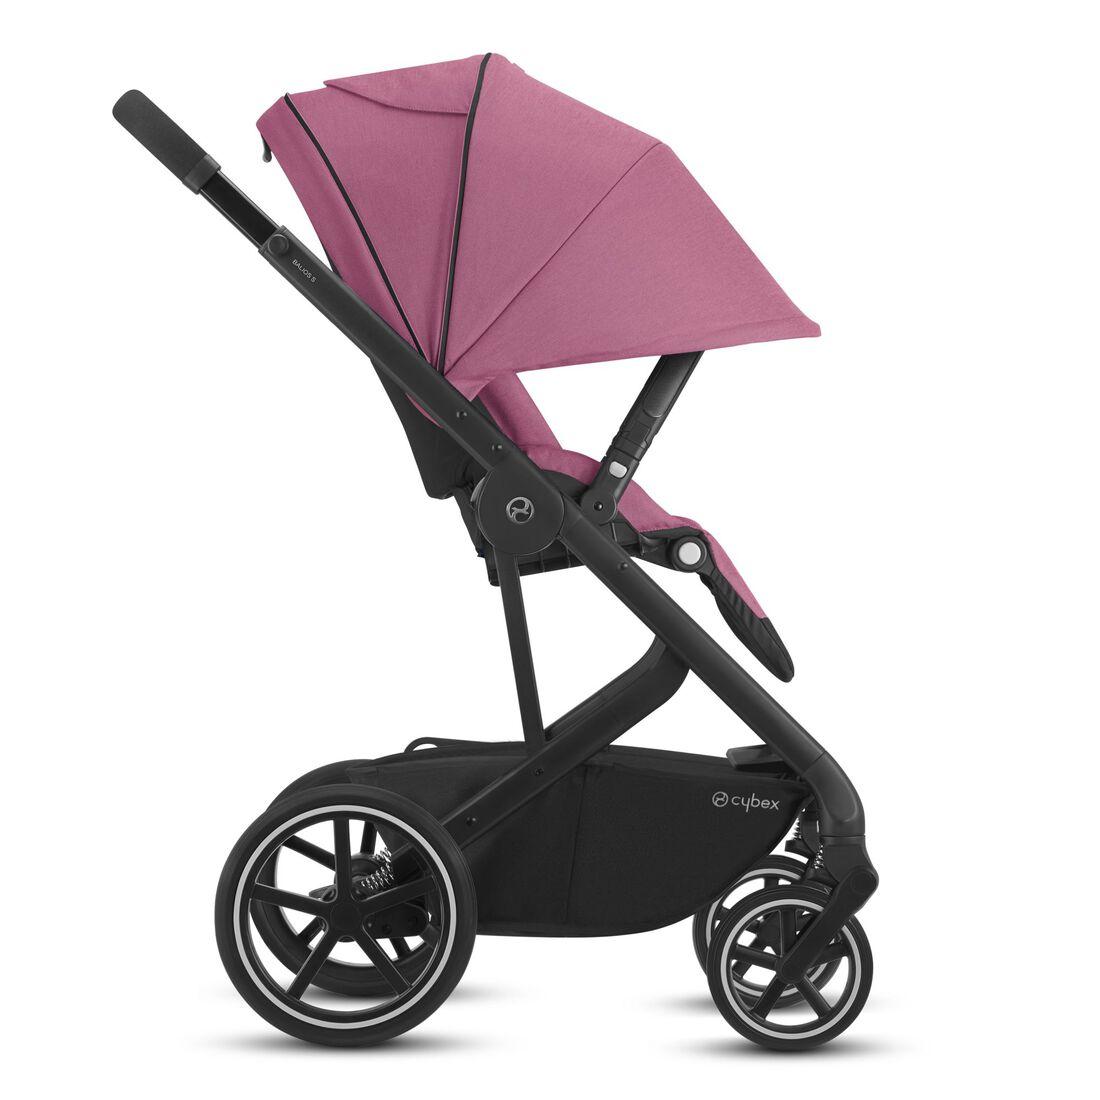 CYBEX Balios S Lux - Magnolia Pink (Schwarzer Rahmen) in Magnolia Pink (Black Frame) large Bild 5